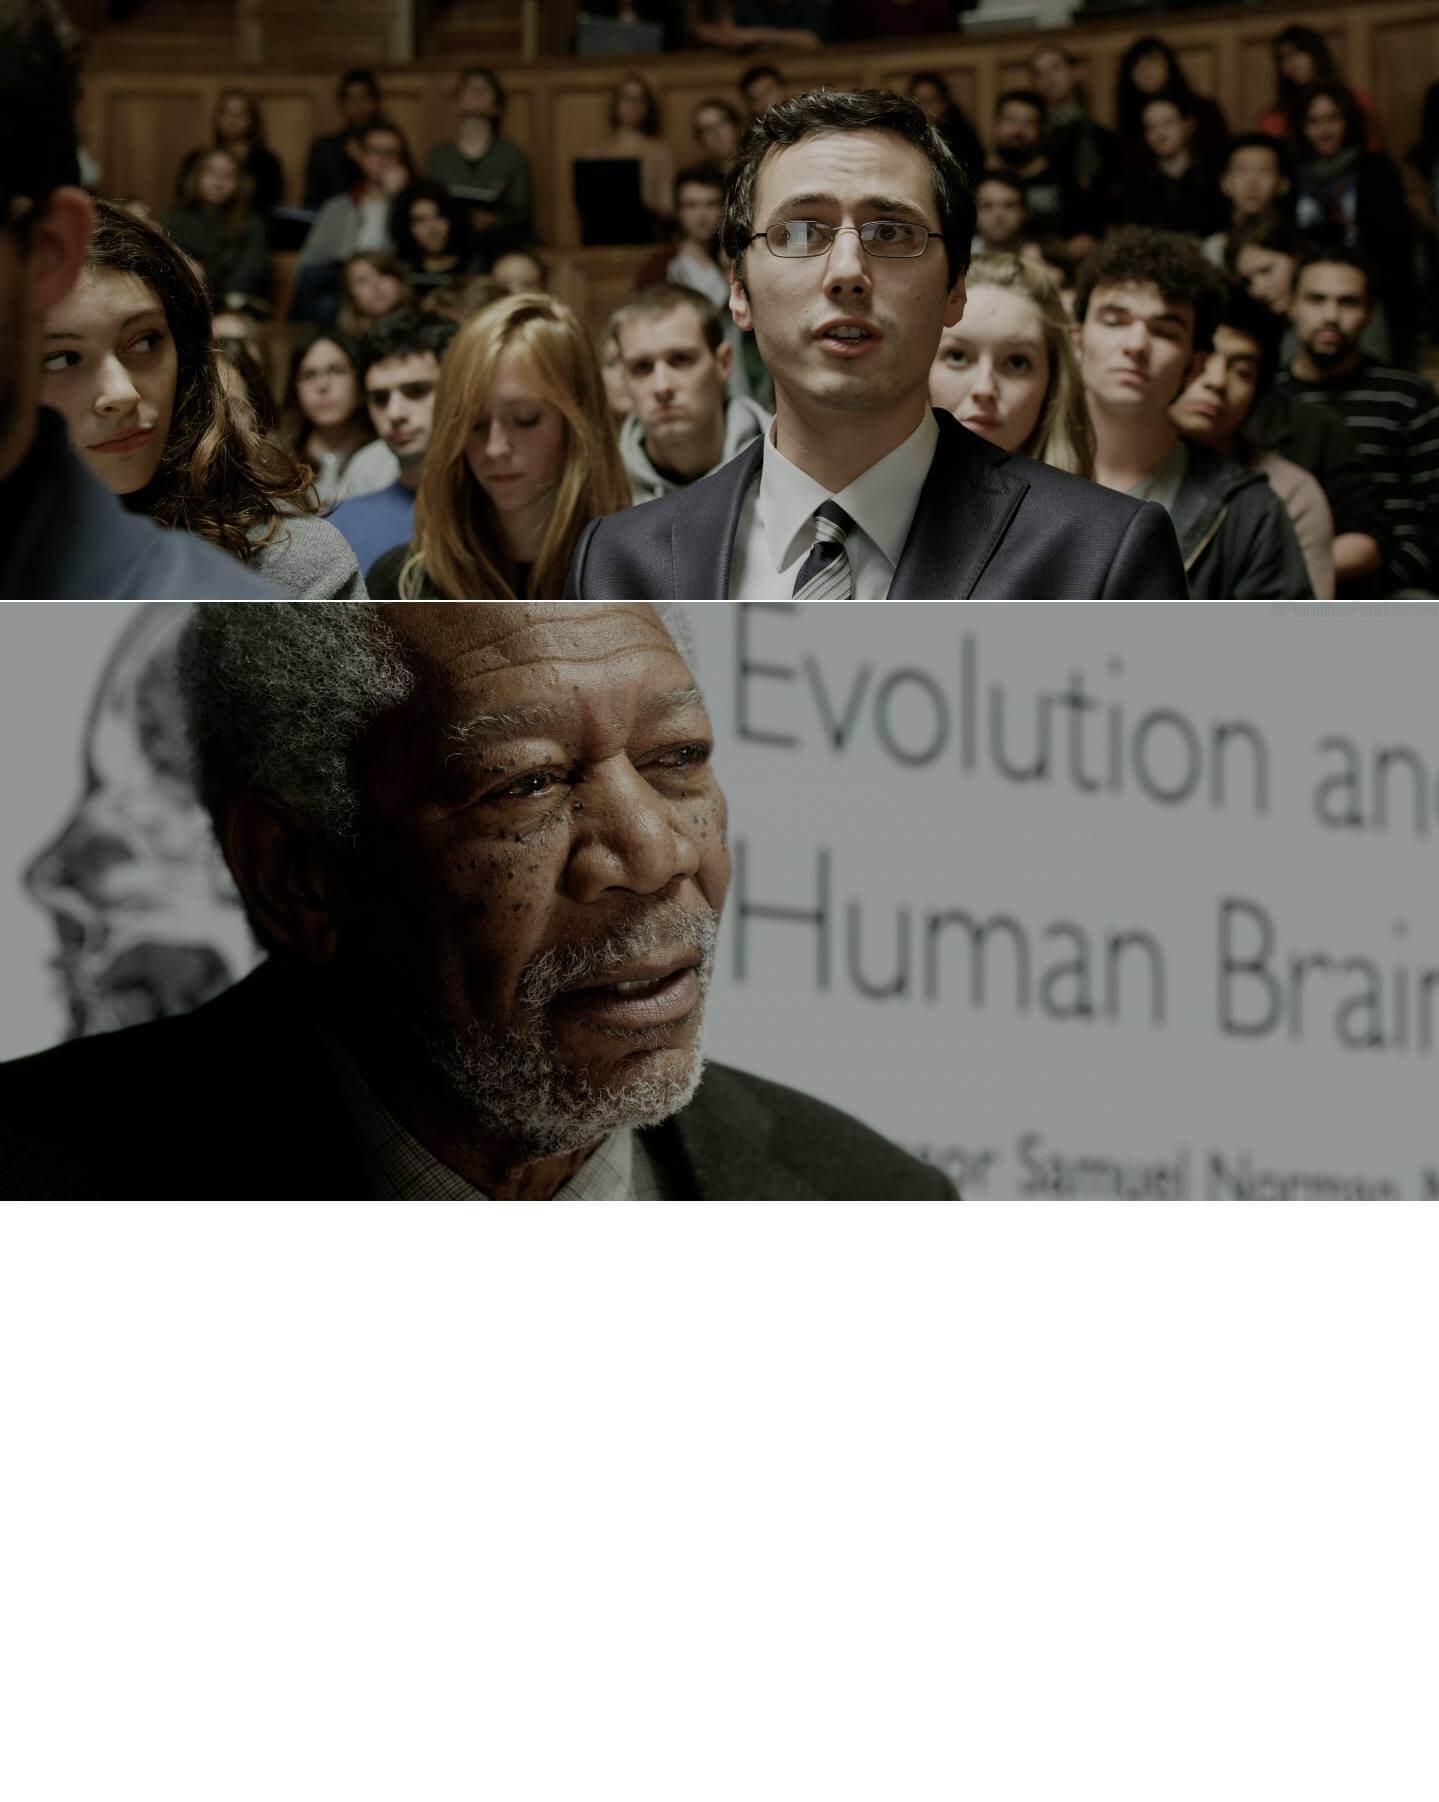 Plantilla de Señor, ¿Qué pasaría si alguien libera el 100% de su capacidad cerebral?